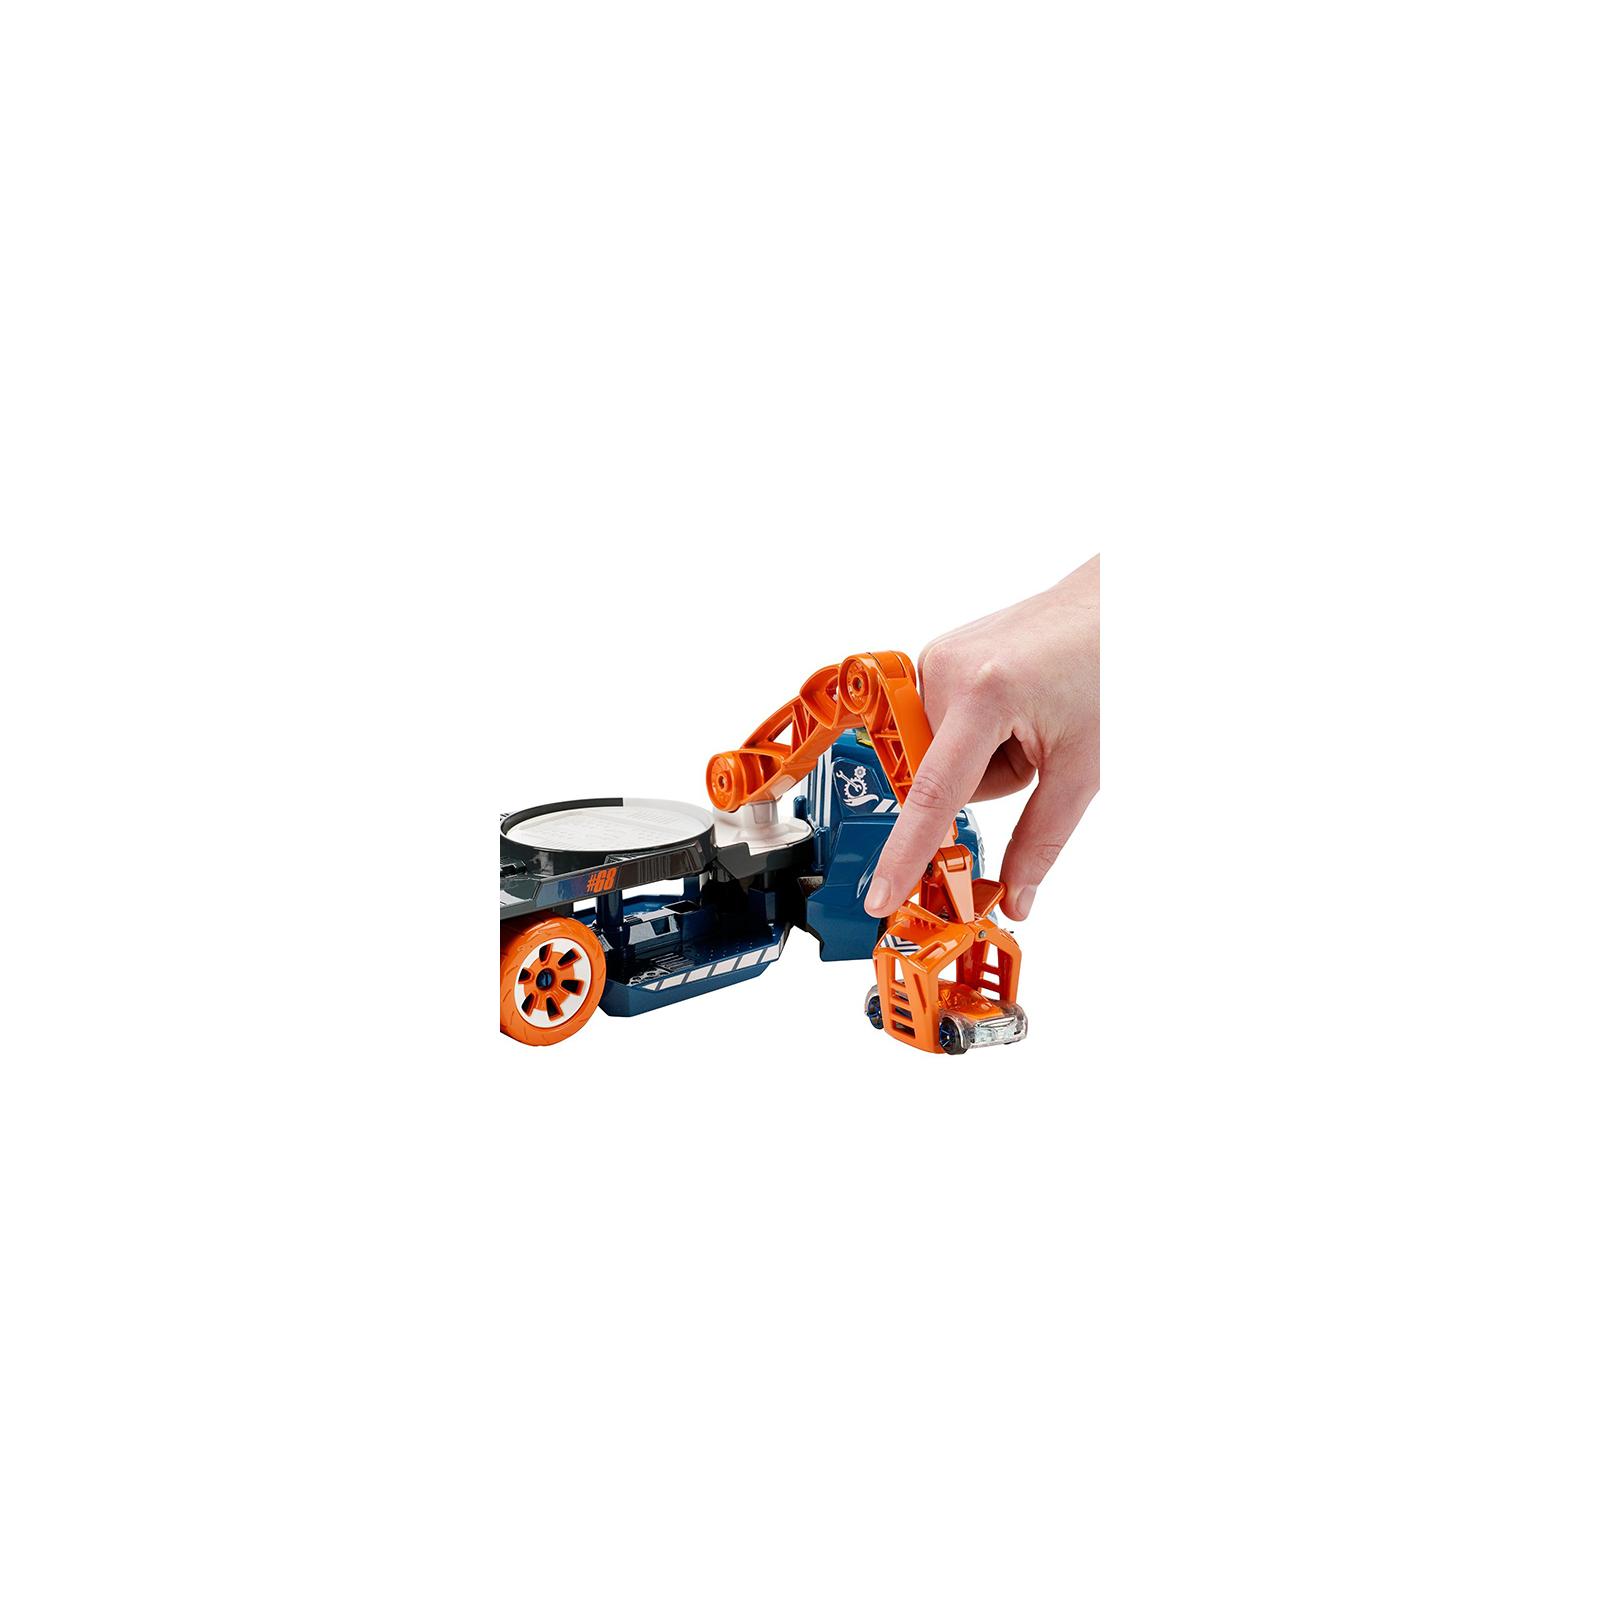 Машина Hot Wheels Эвакуатор со звуковыми и световыми эффектами (DJC69) изображение 3